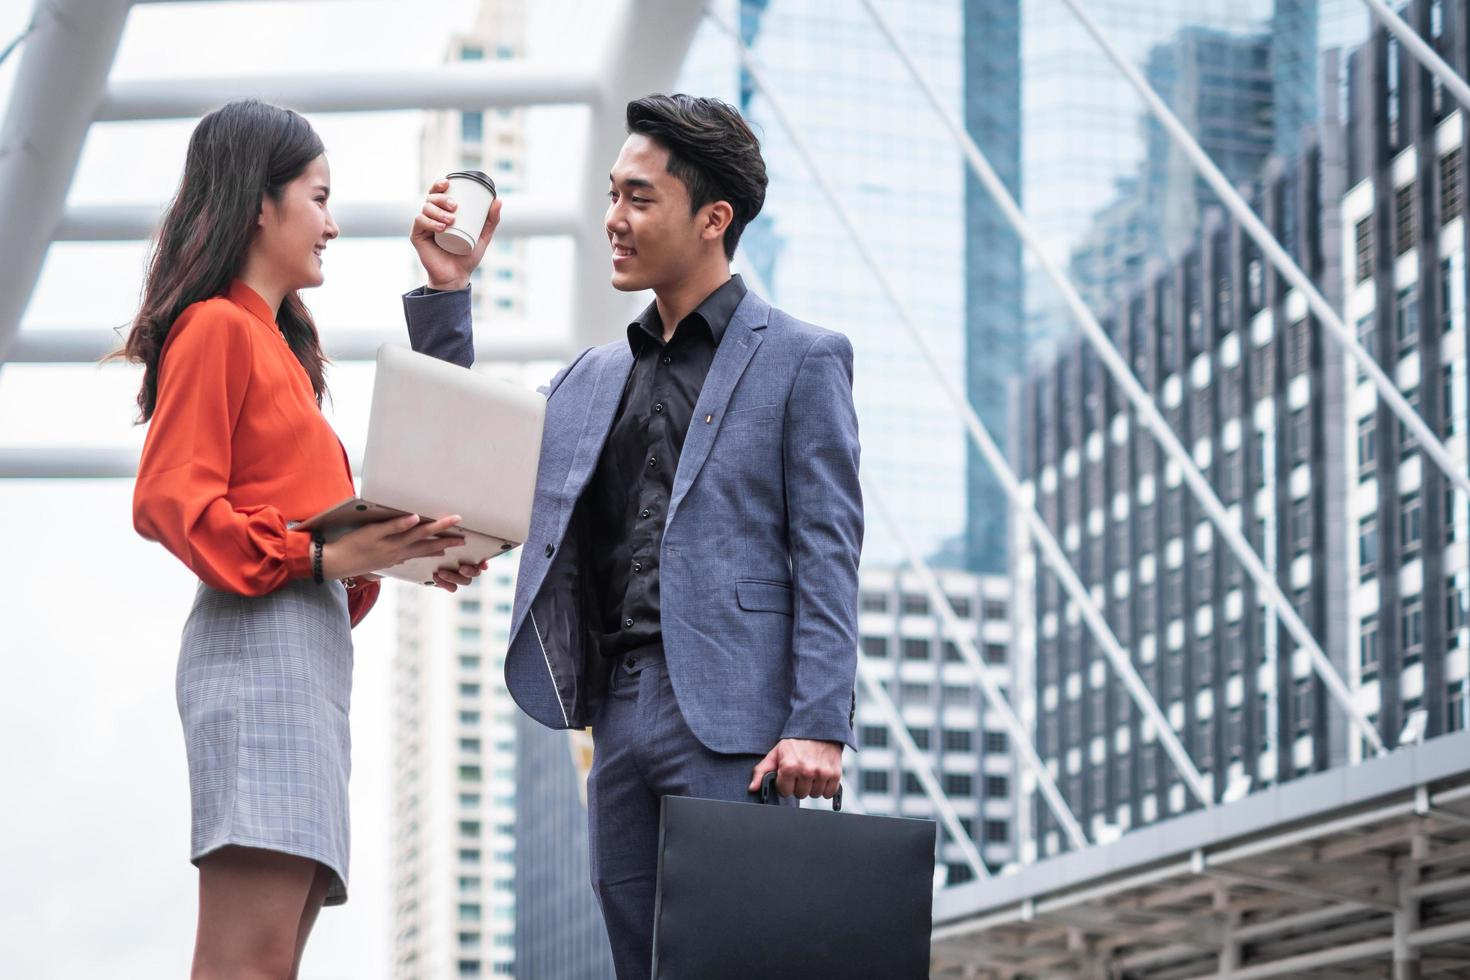 två affärsmän samlas utanför sitt kontor foto